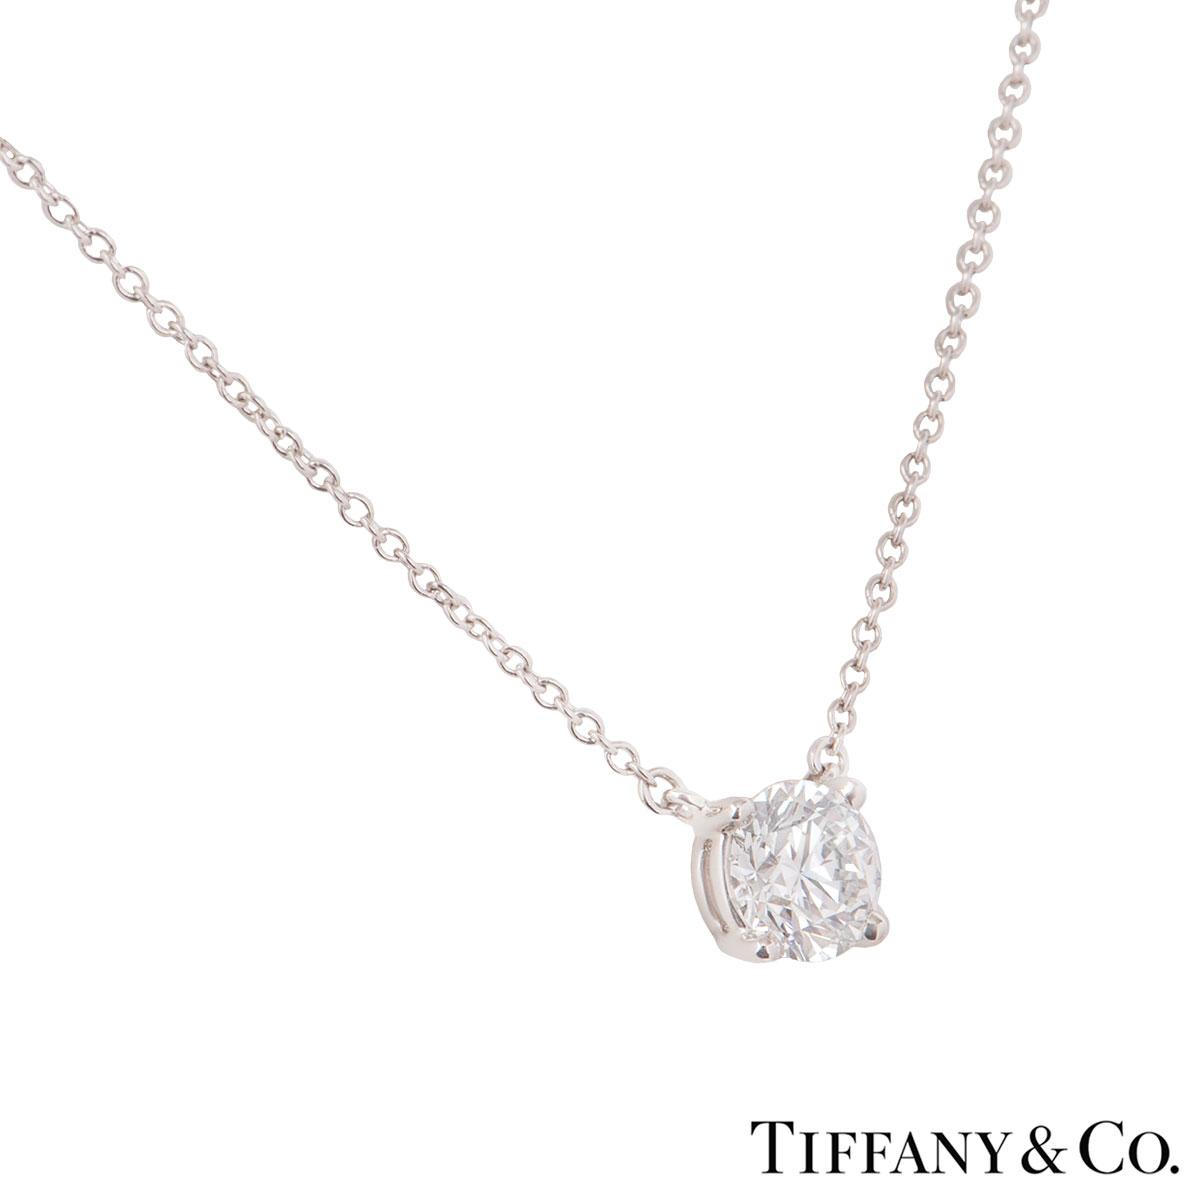 Tiffany & Co. Platinum Diamond Pendant 0.94ct E/VVS2